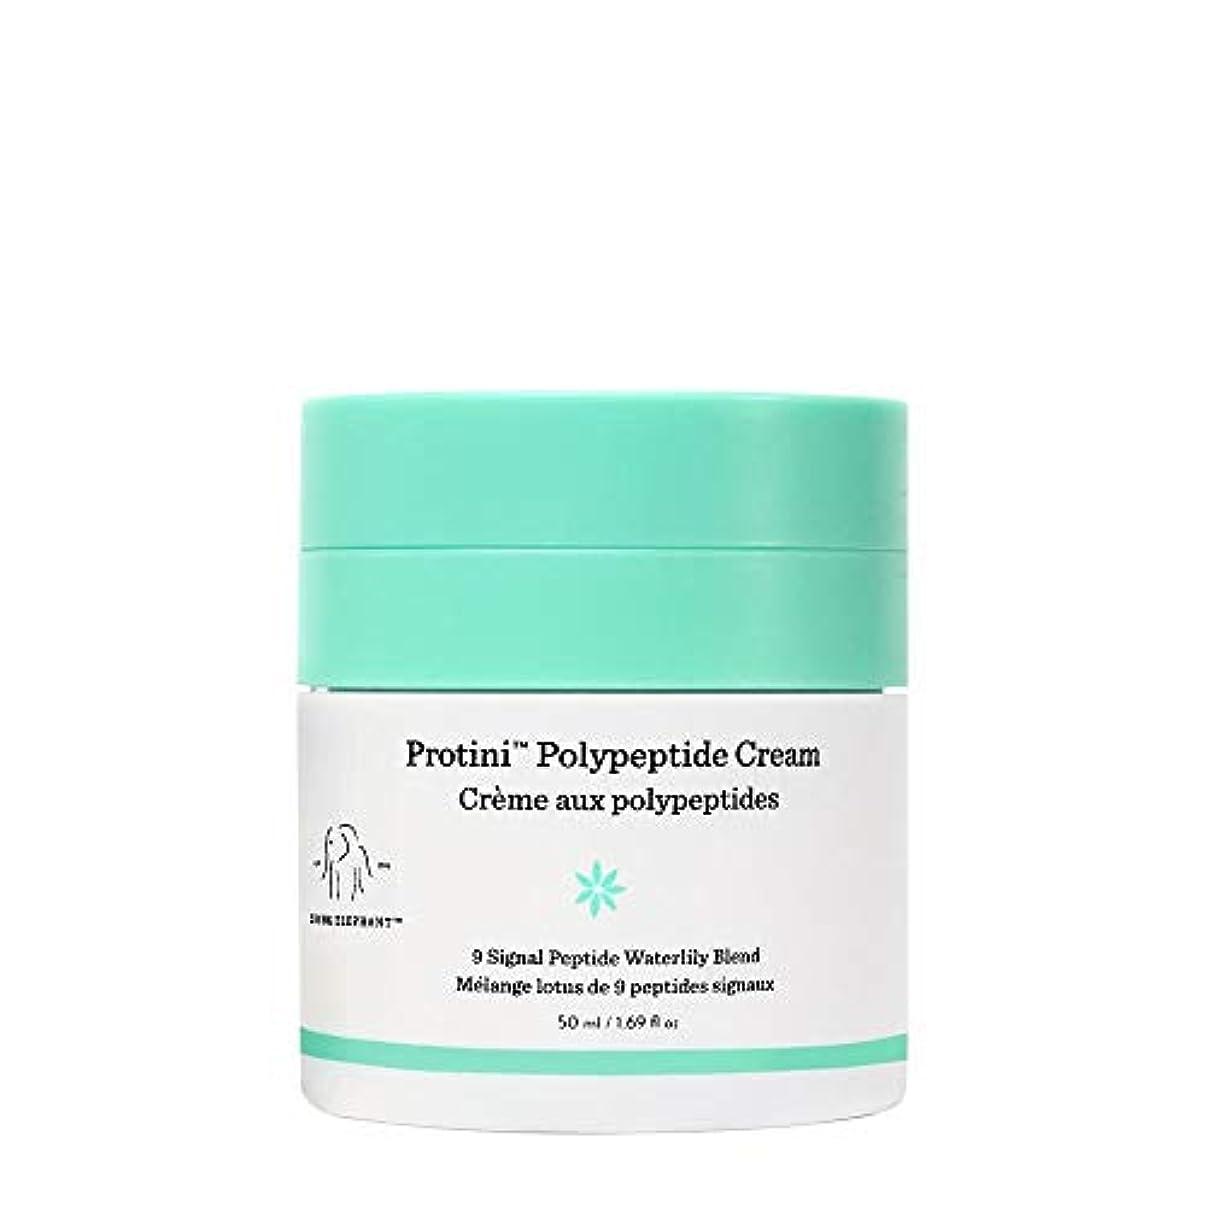 協力的日光欺くDRUNK ELEPHANT Protini Polypeptide Cream 1.69 oz/ 50 ml ドランクエレファント プロティーニ ポリペプタイド クリーム 1.69 oz/ 50 ml